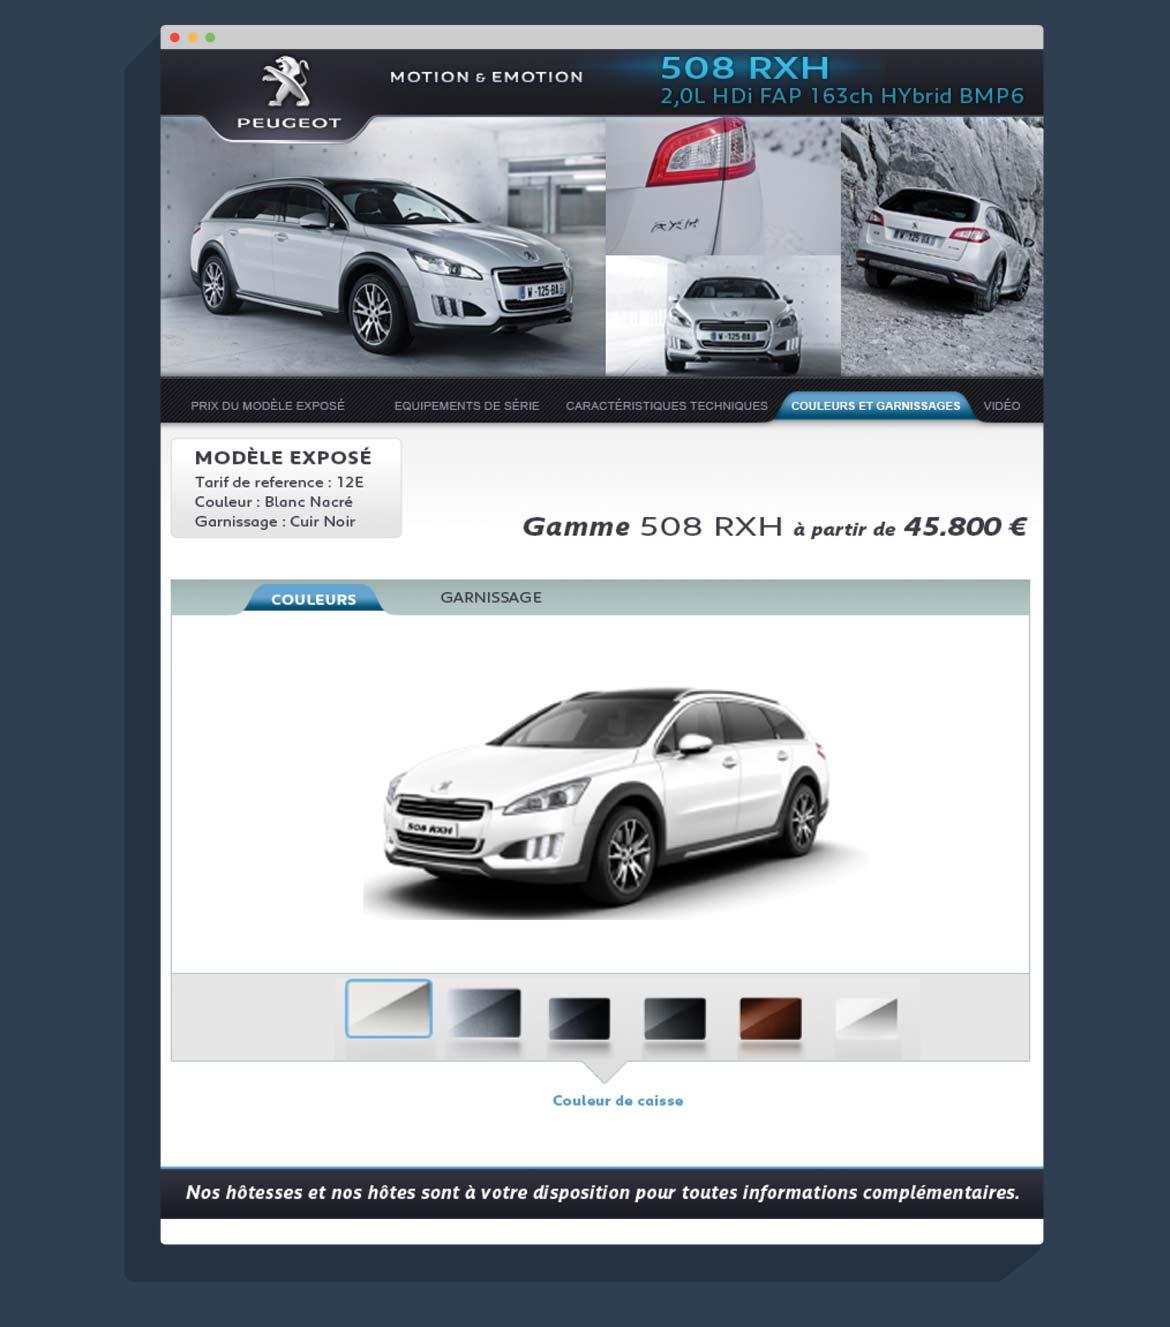 Design écran couleurs & garnissage